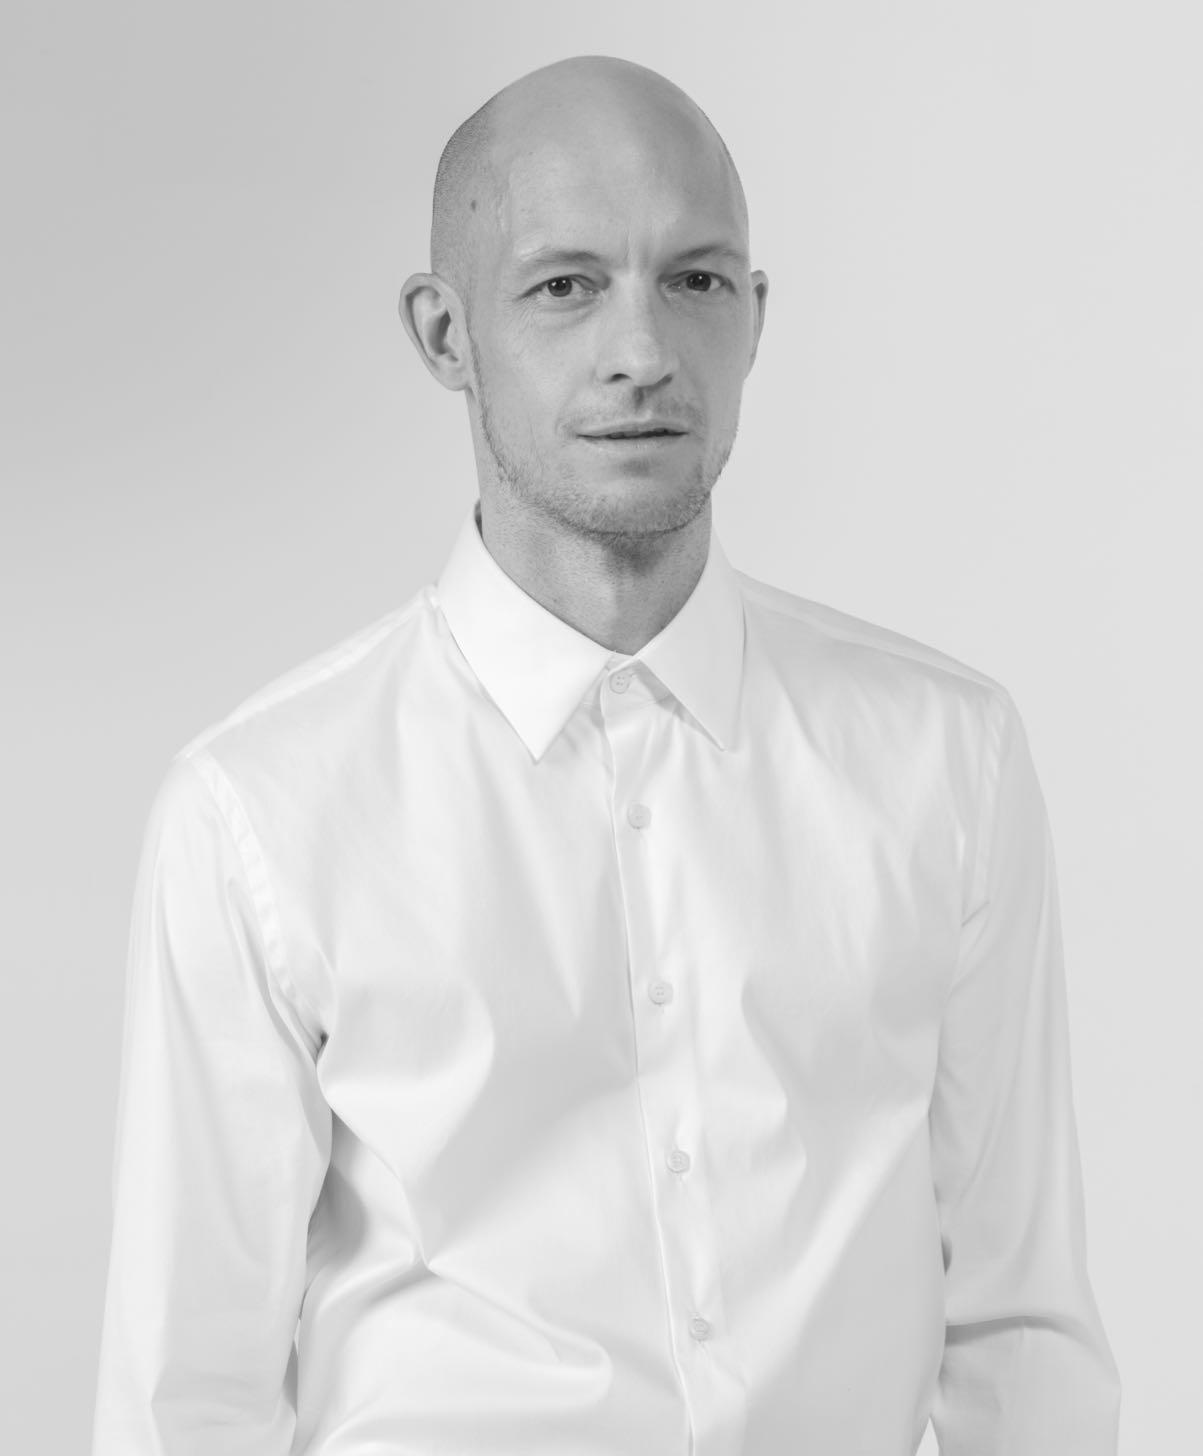 Christian Juul Nielsen